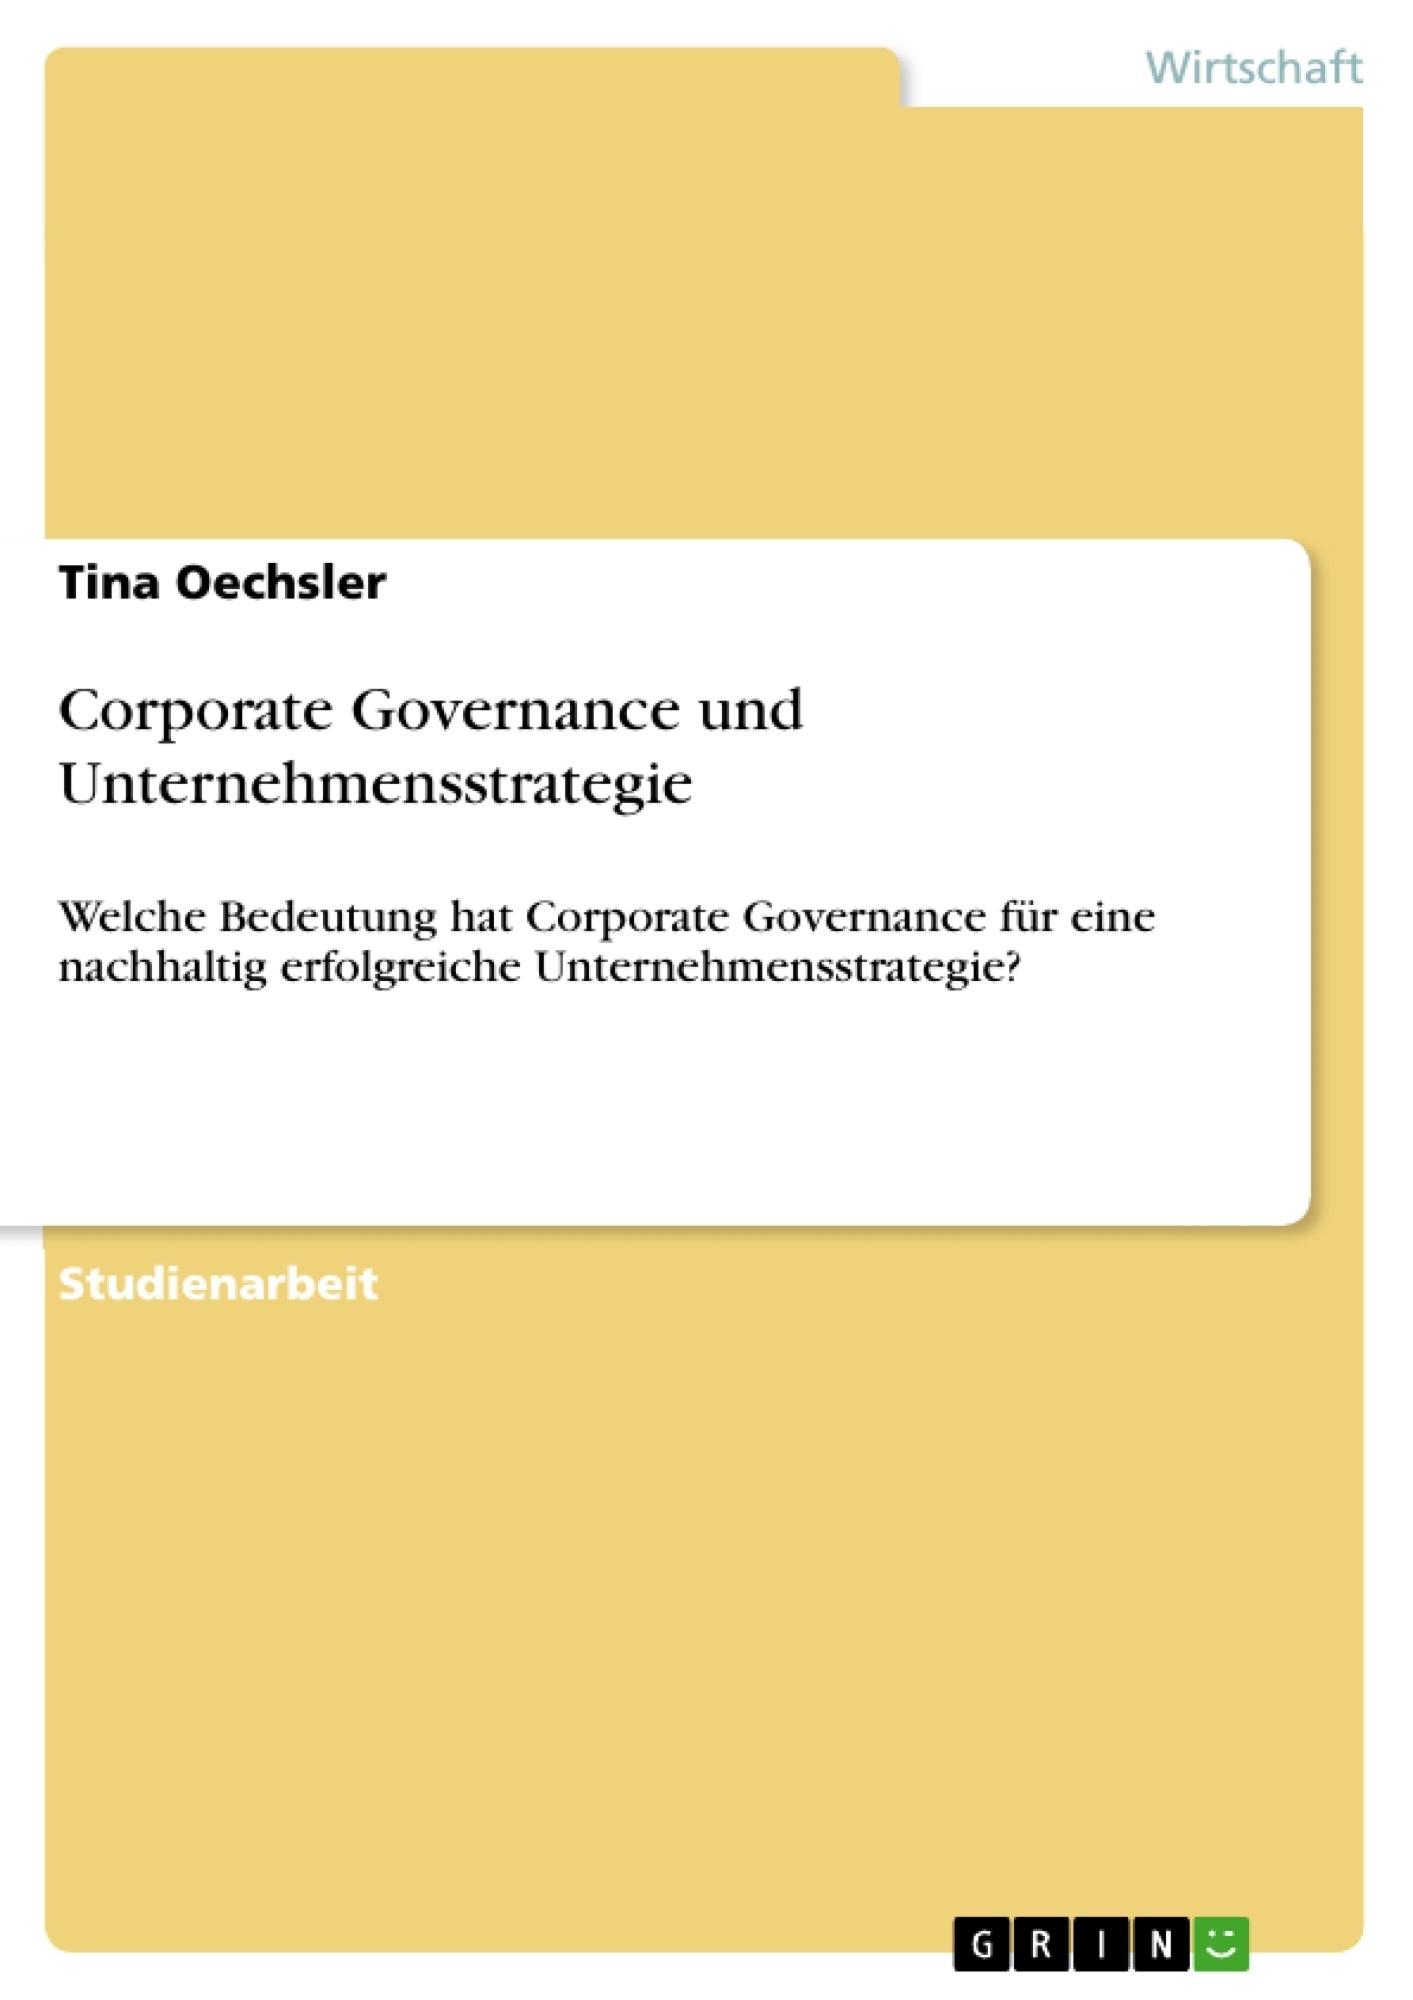 Titel: Corporate Governance und Unternehmensstrategie